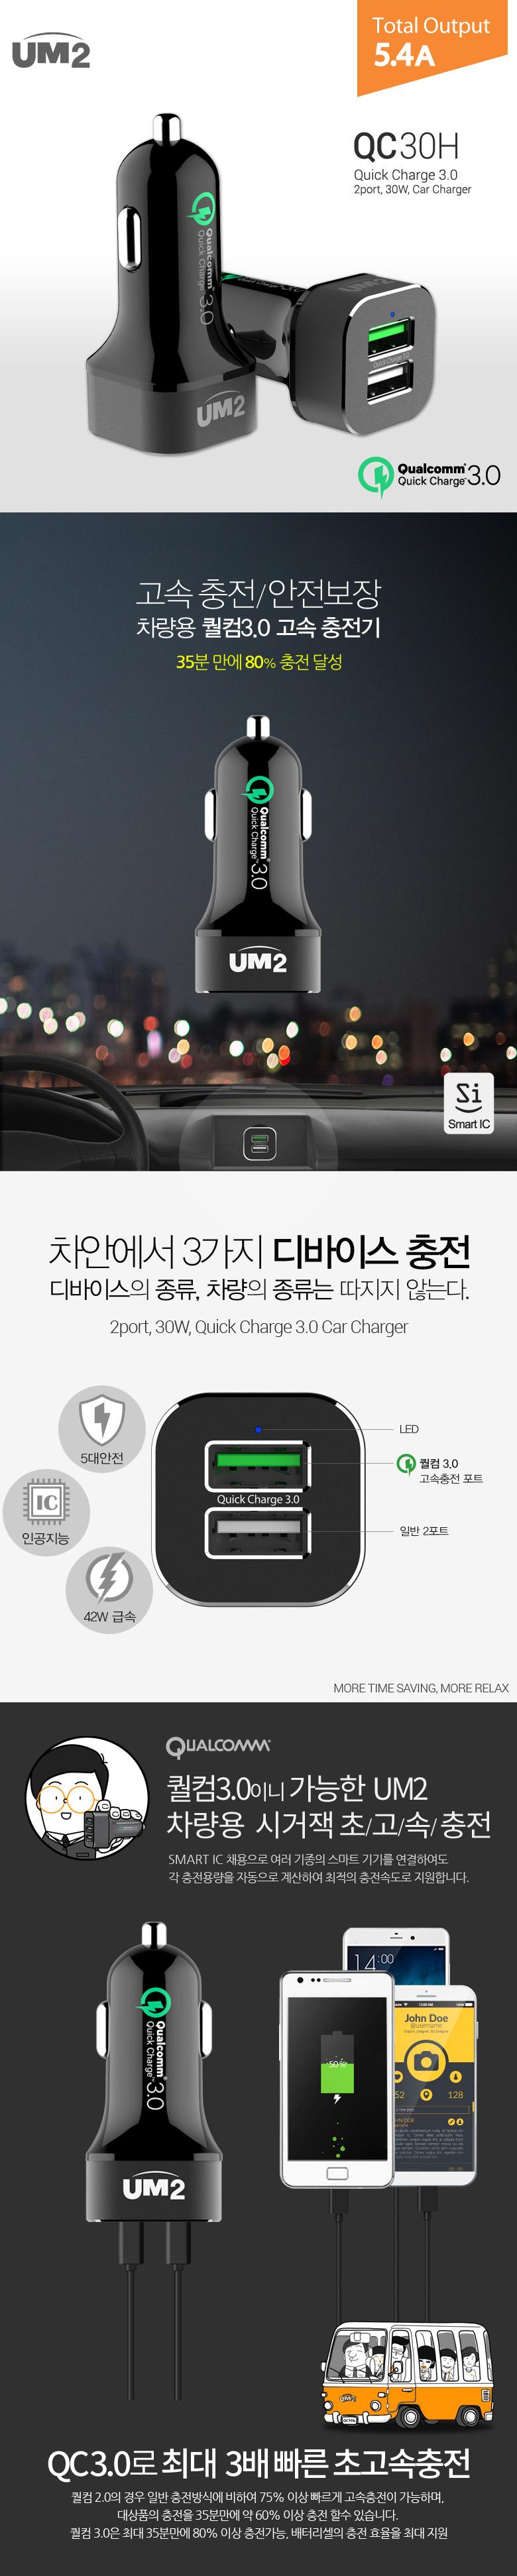 UM2 퀄컴 3.0 퀵차지 고속 차량용 충전기 2포트 QC30H - 셀탑코리아, 9,500원, 충전기, 5핀